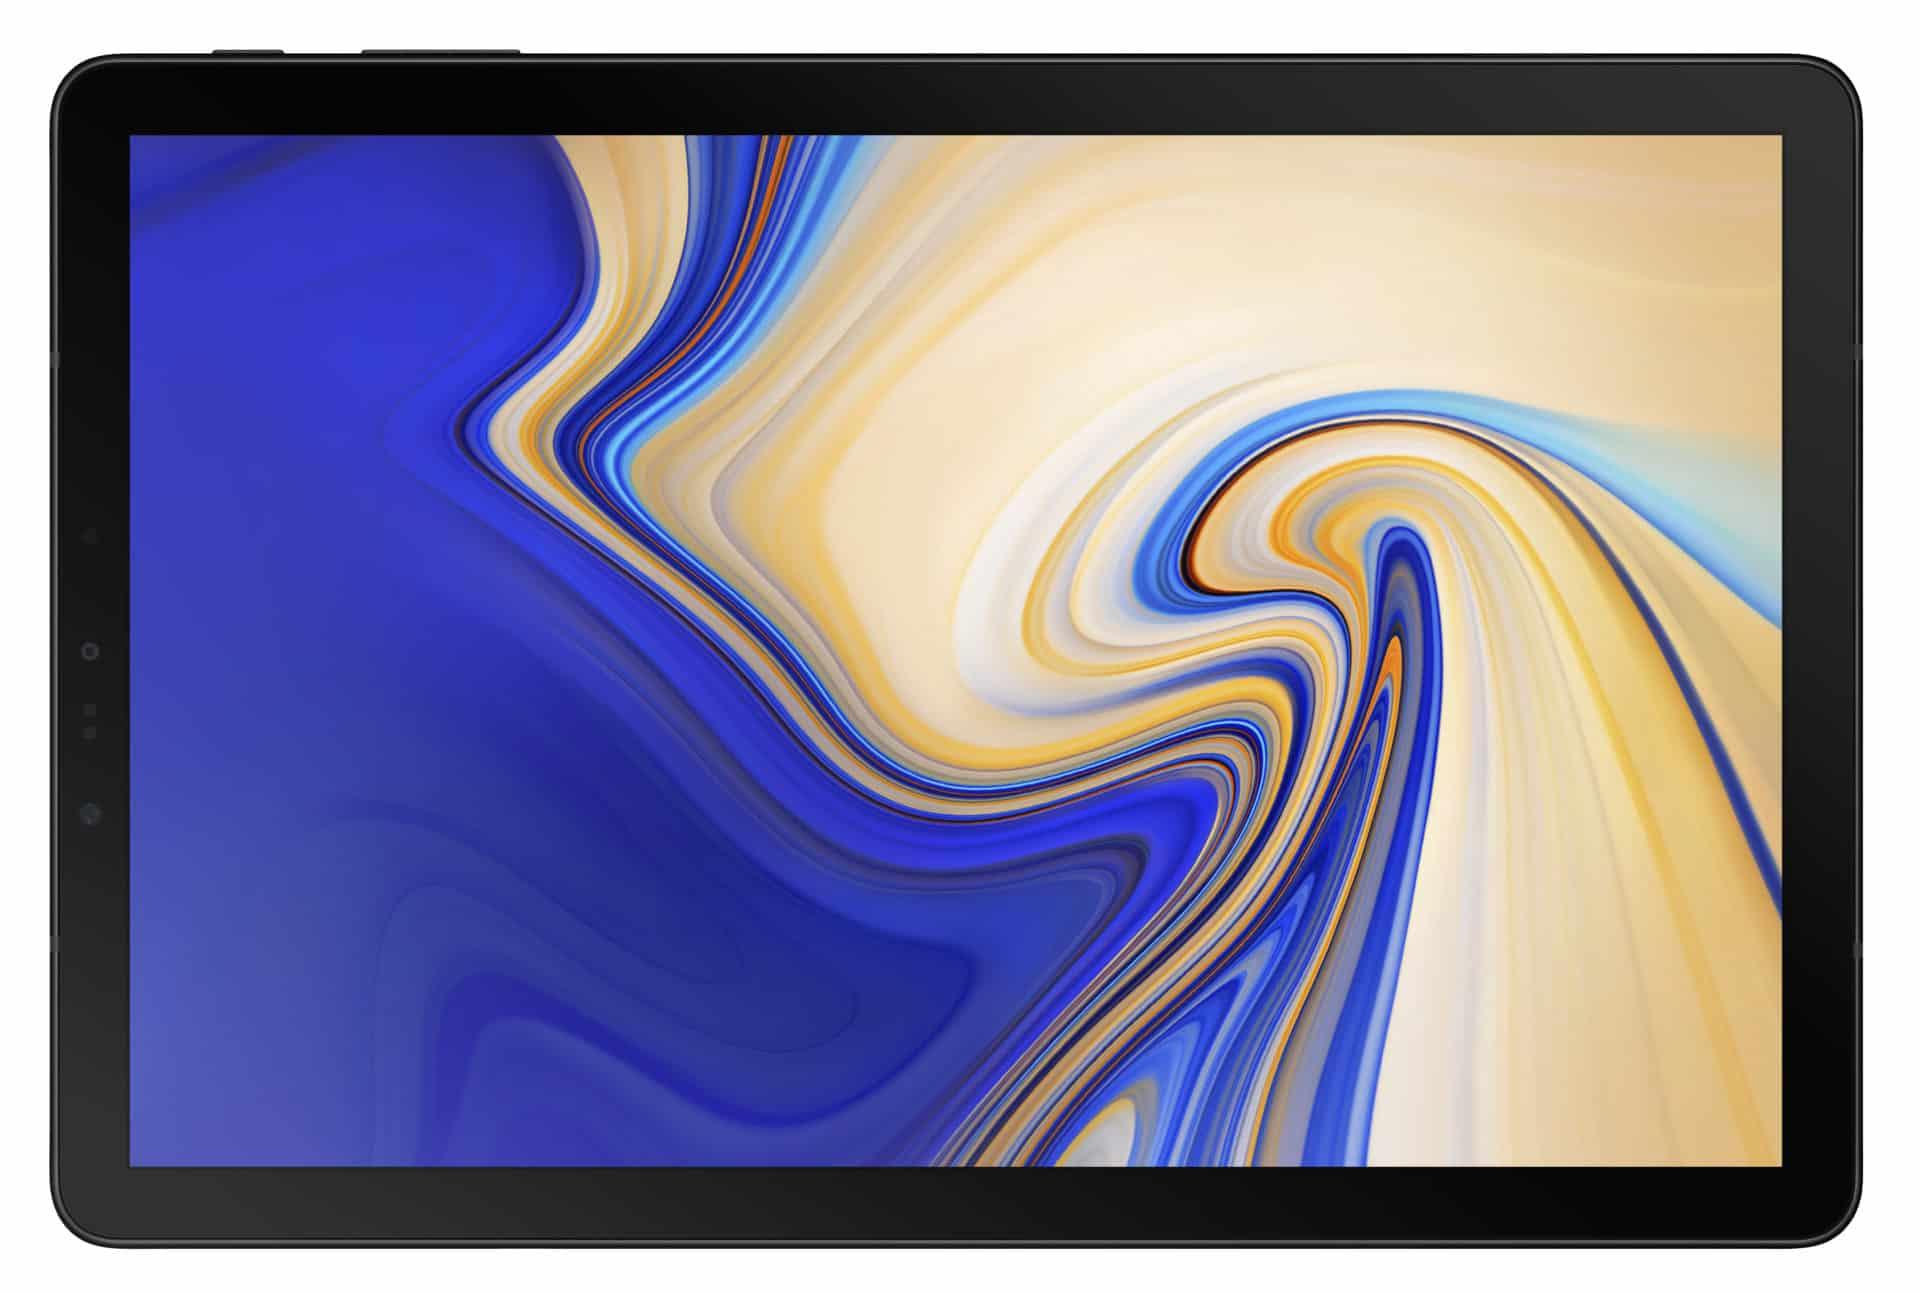 Samsung Galaxy Tab S4 toho pomůže zvládnout více, ať už jste kdekoli